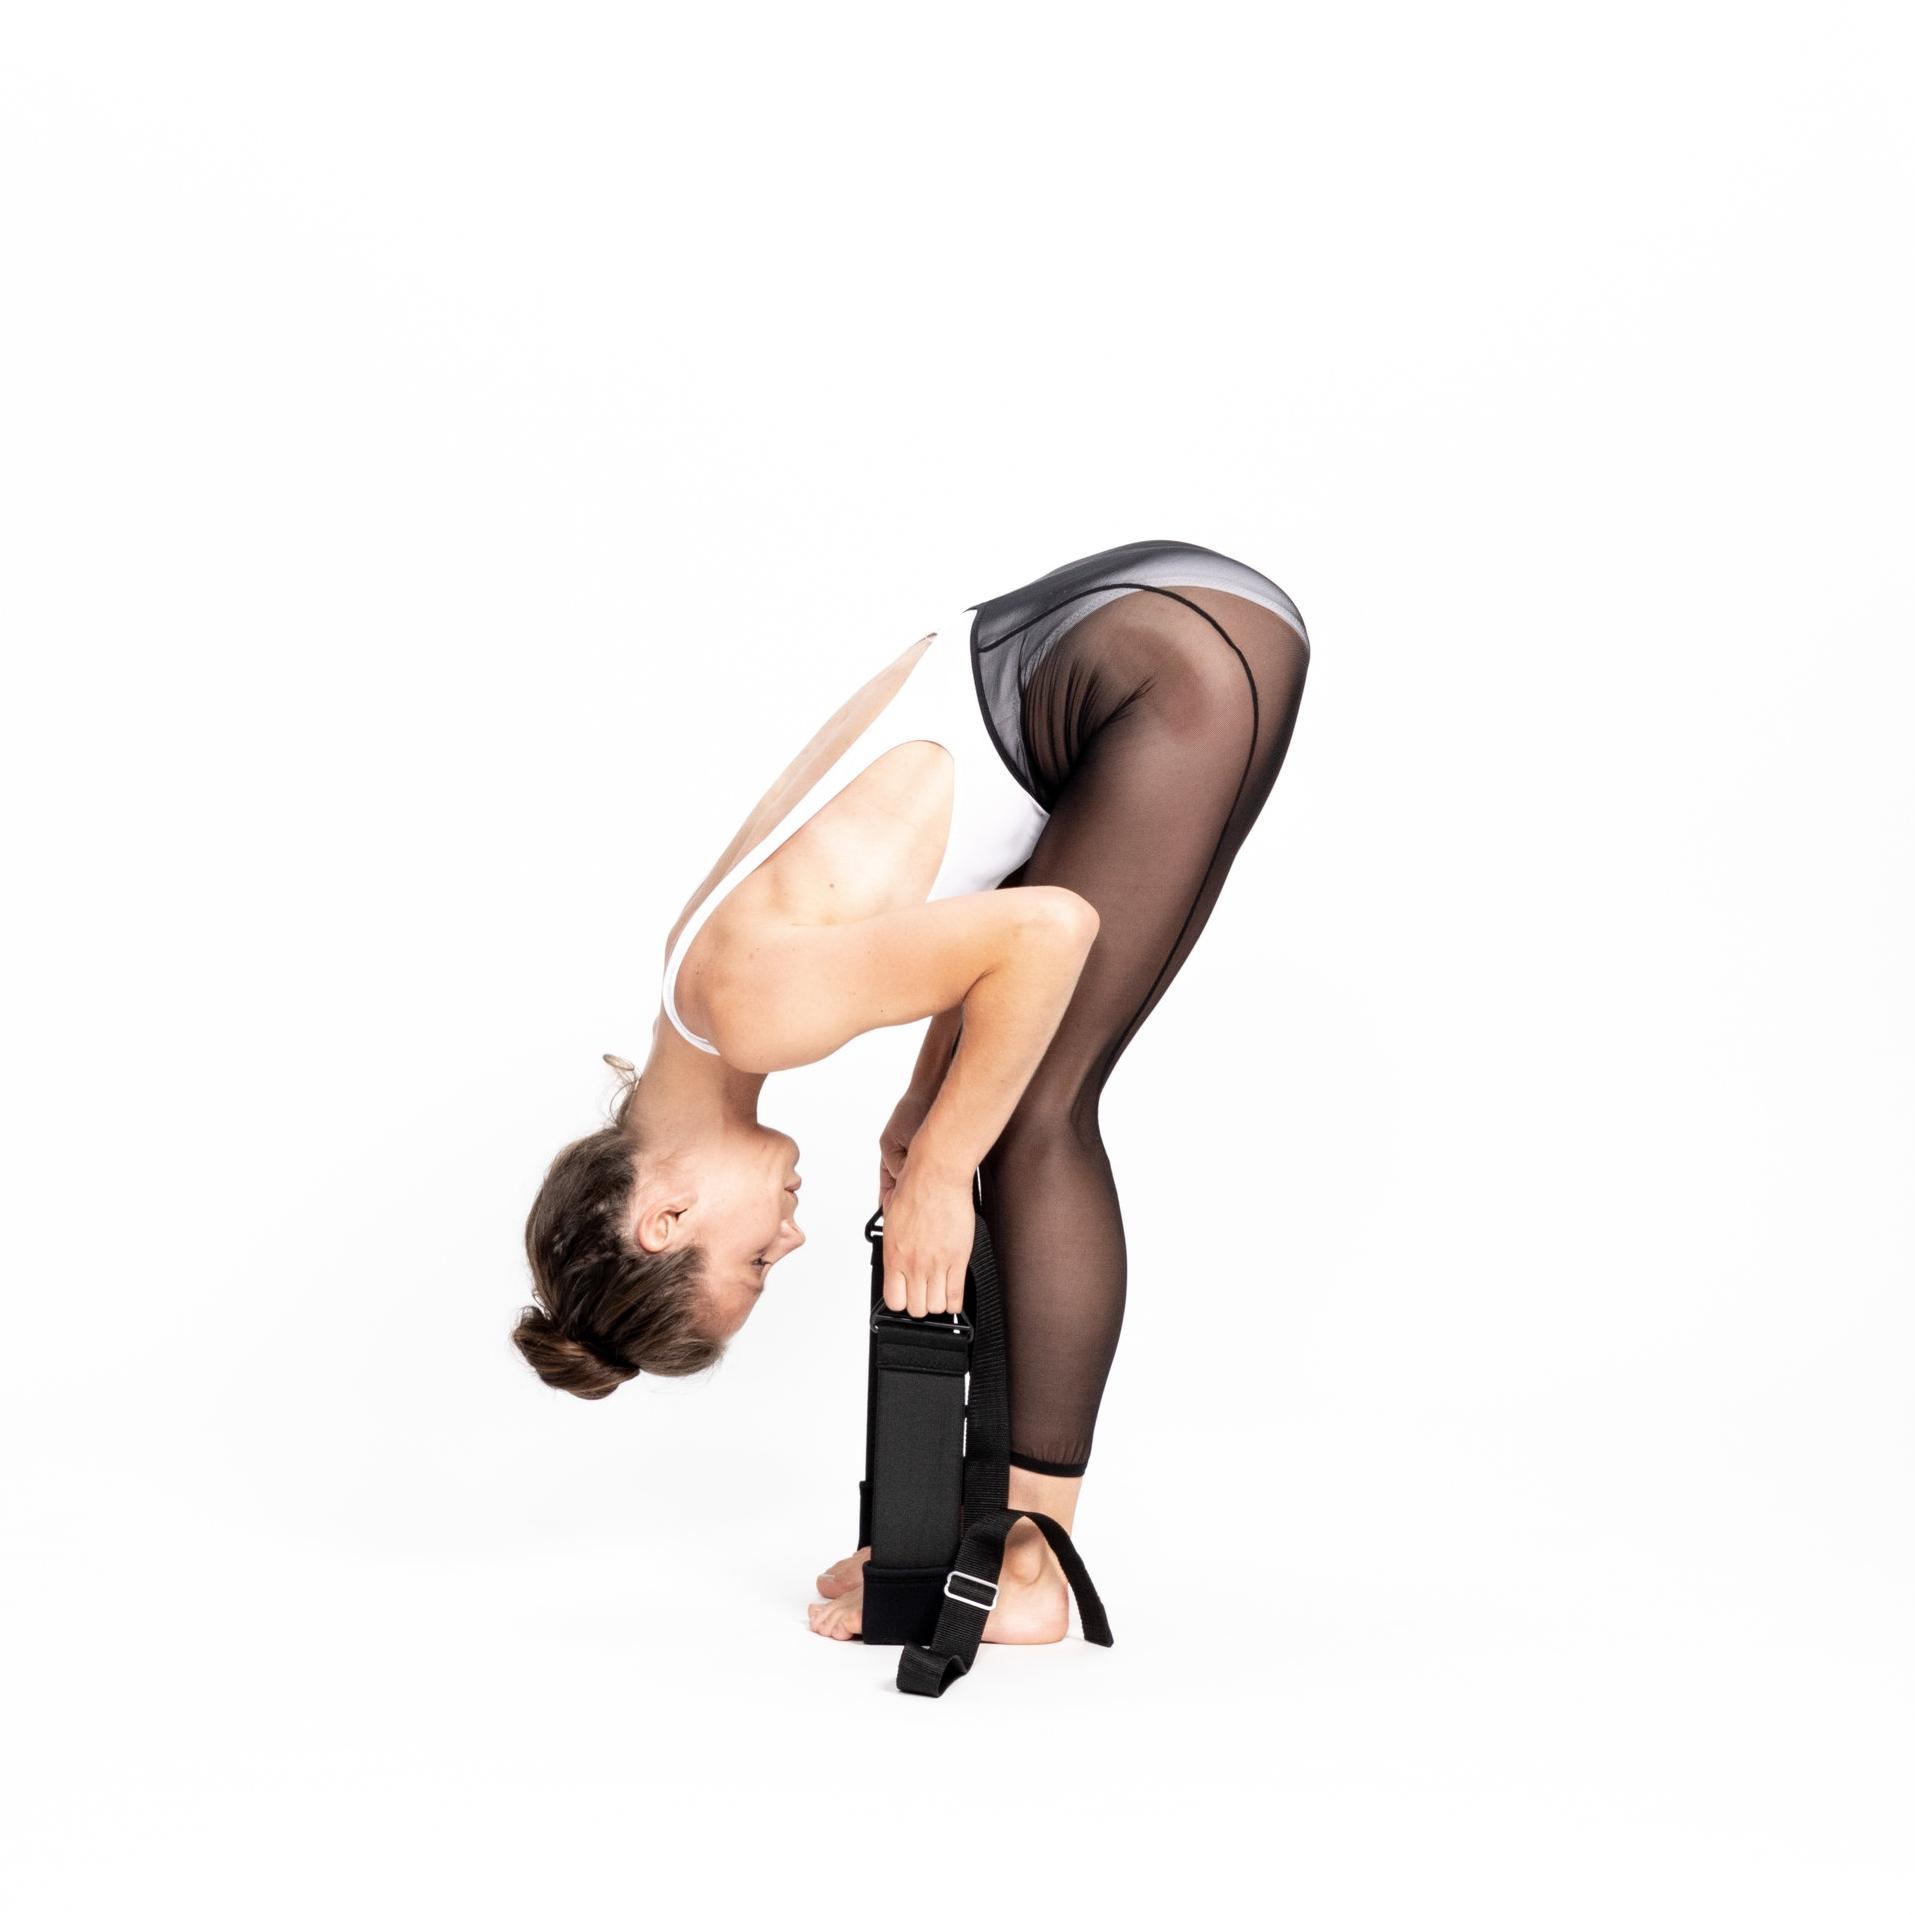 Rein Short - Flexistretcher beginner's forward fold